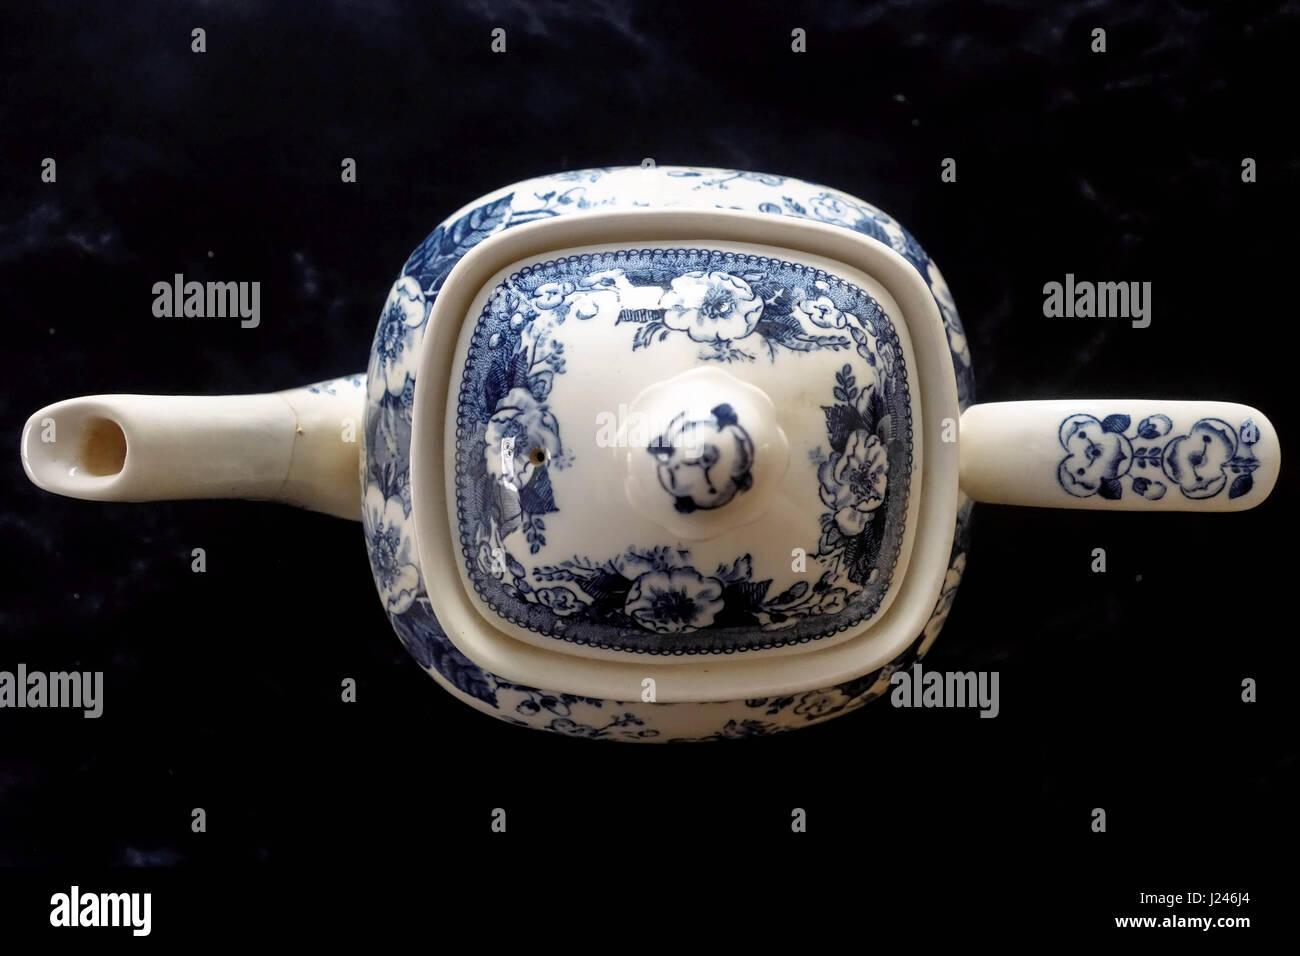 Old China Tea Pot - Stock Image